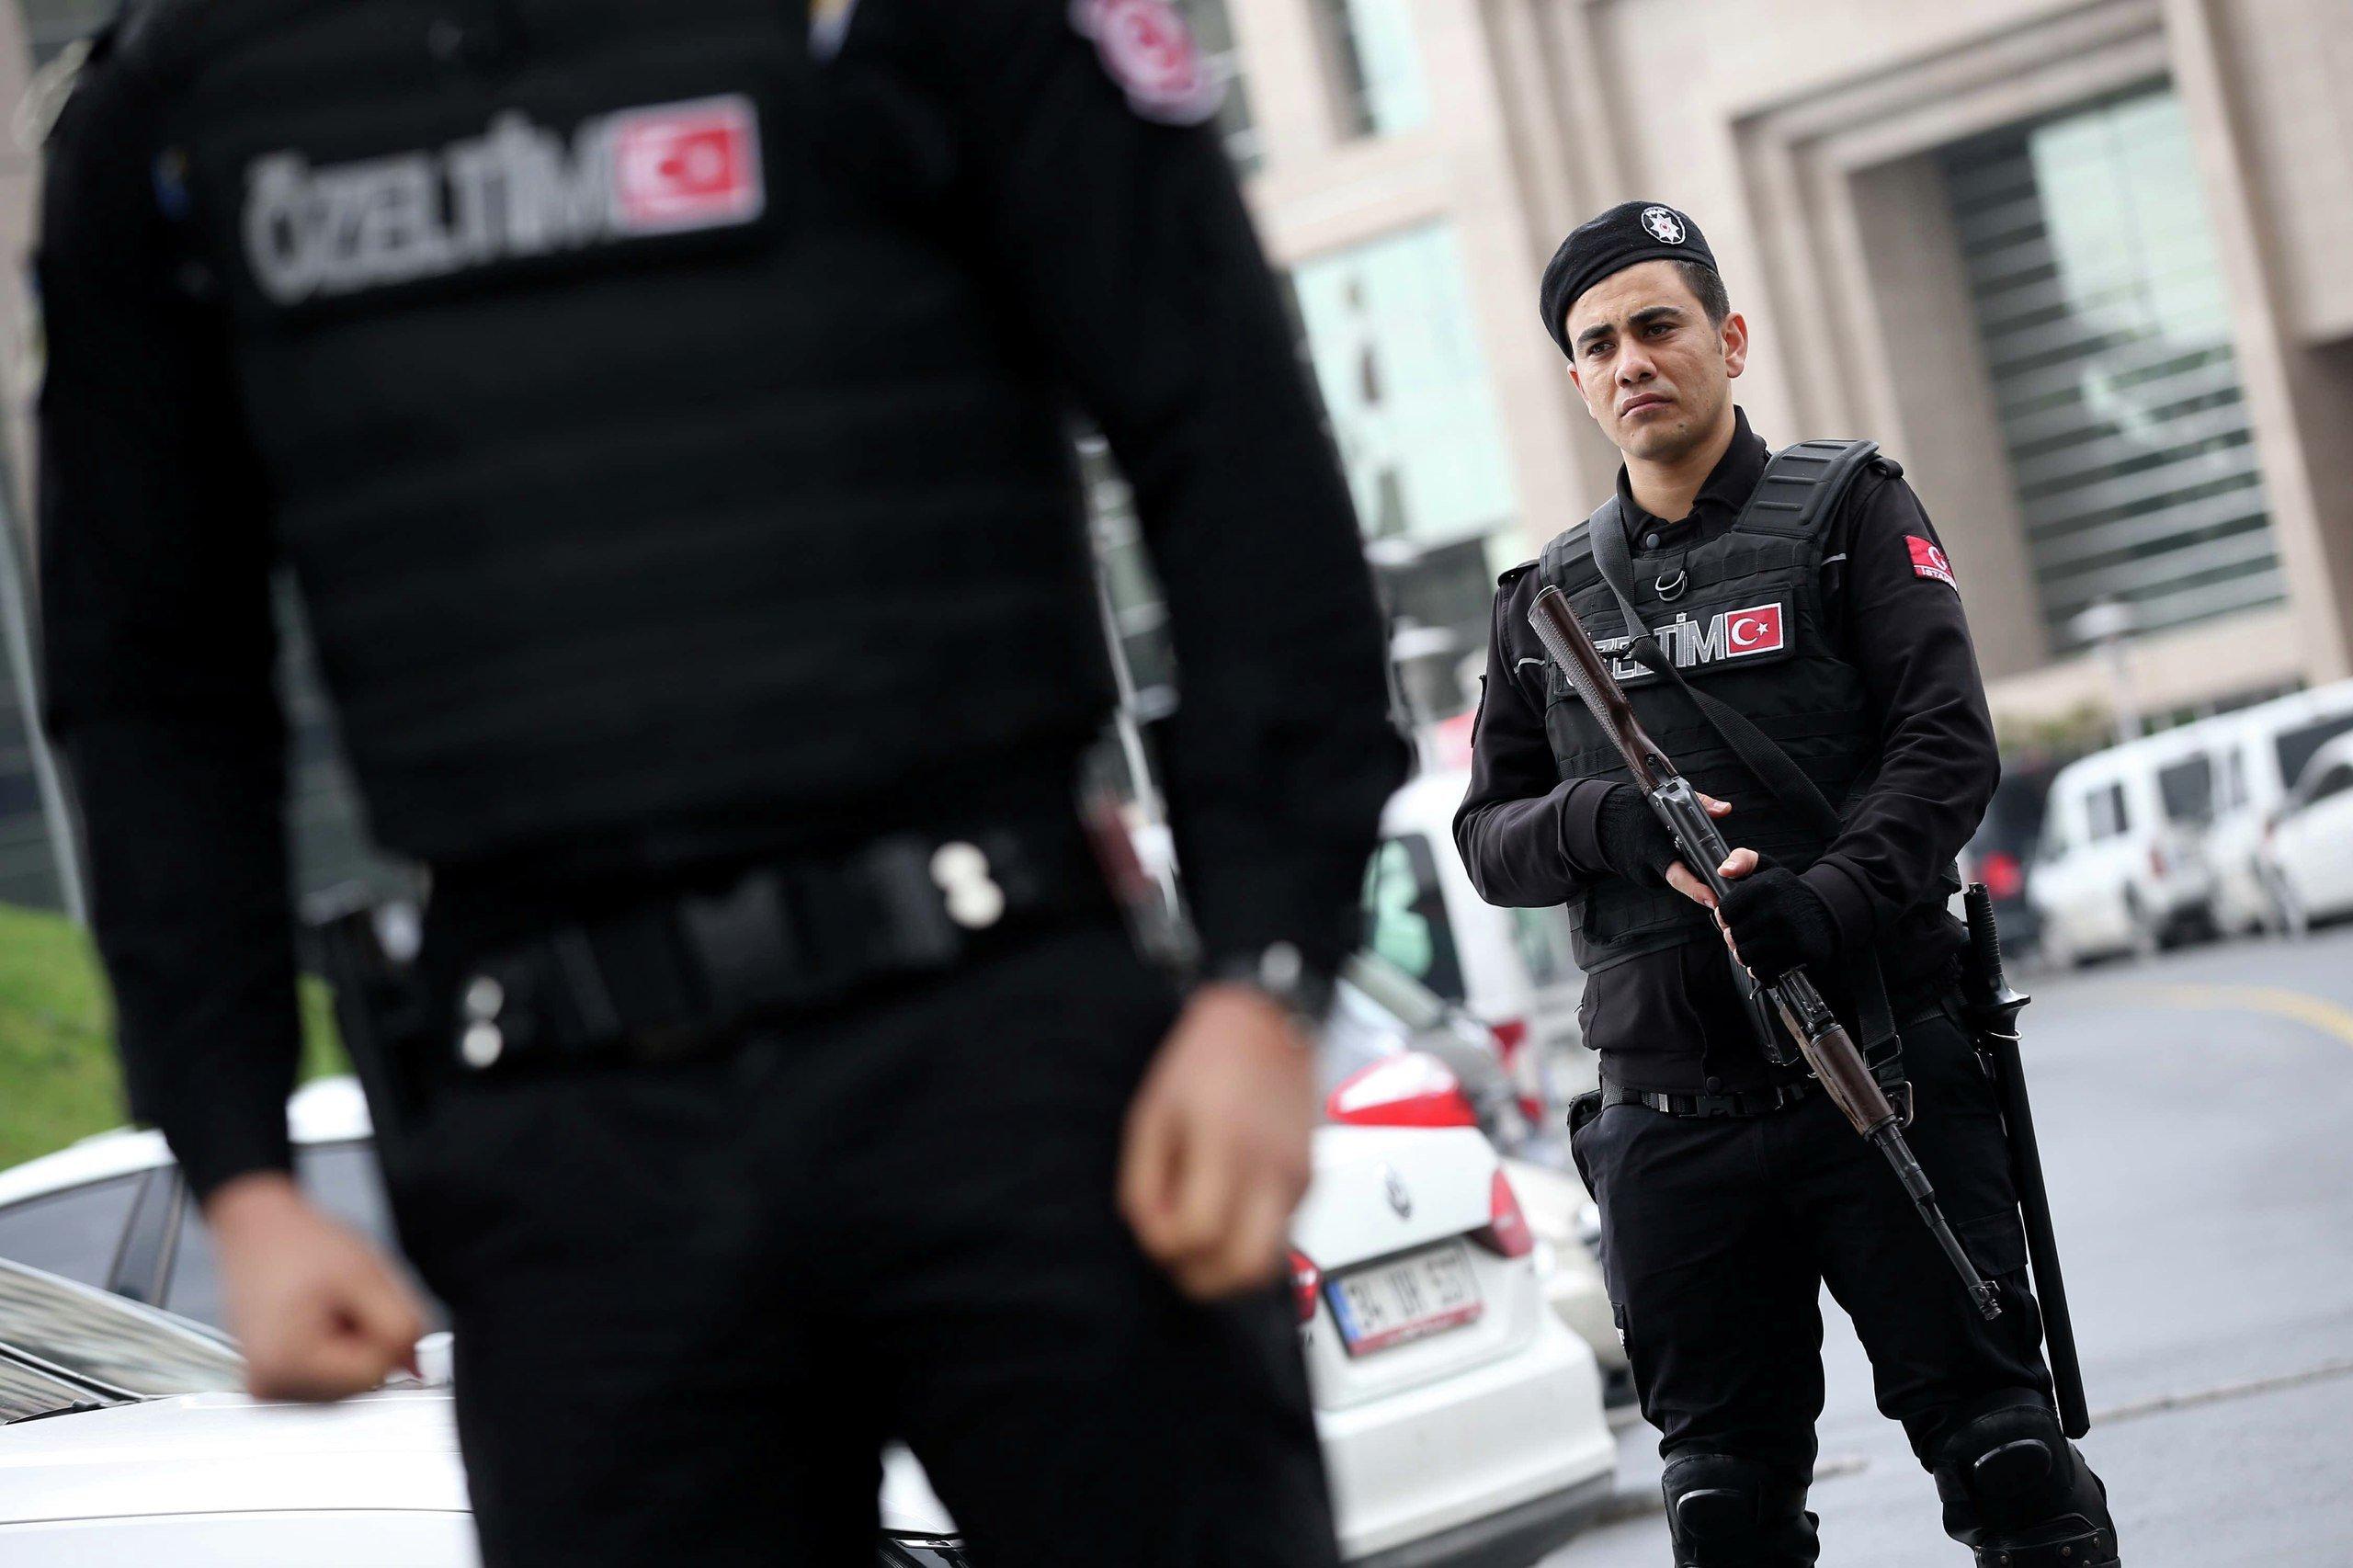 Полиция Стамбула задержала 8 человек в связи с терактом в ночном клубе